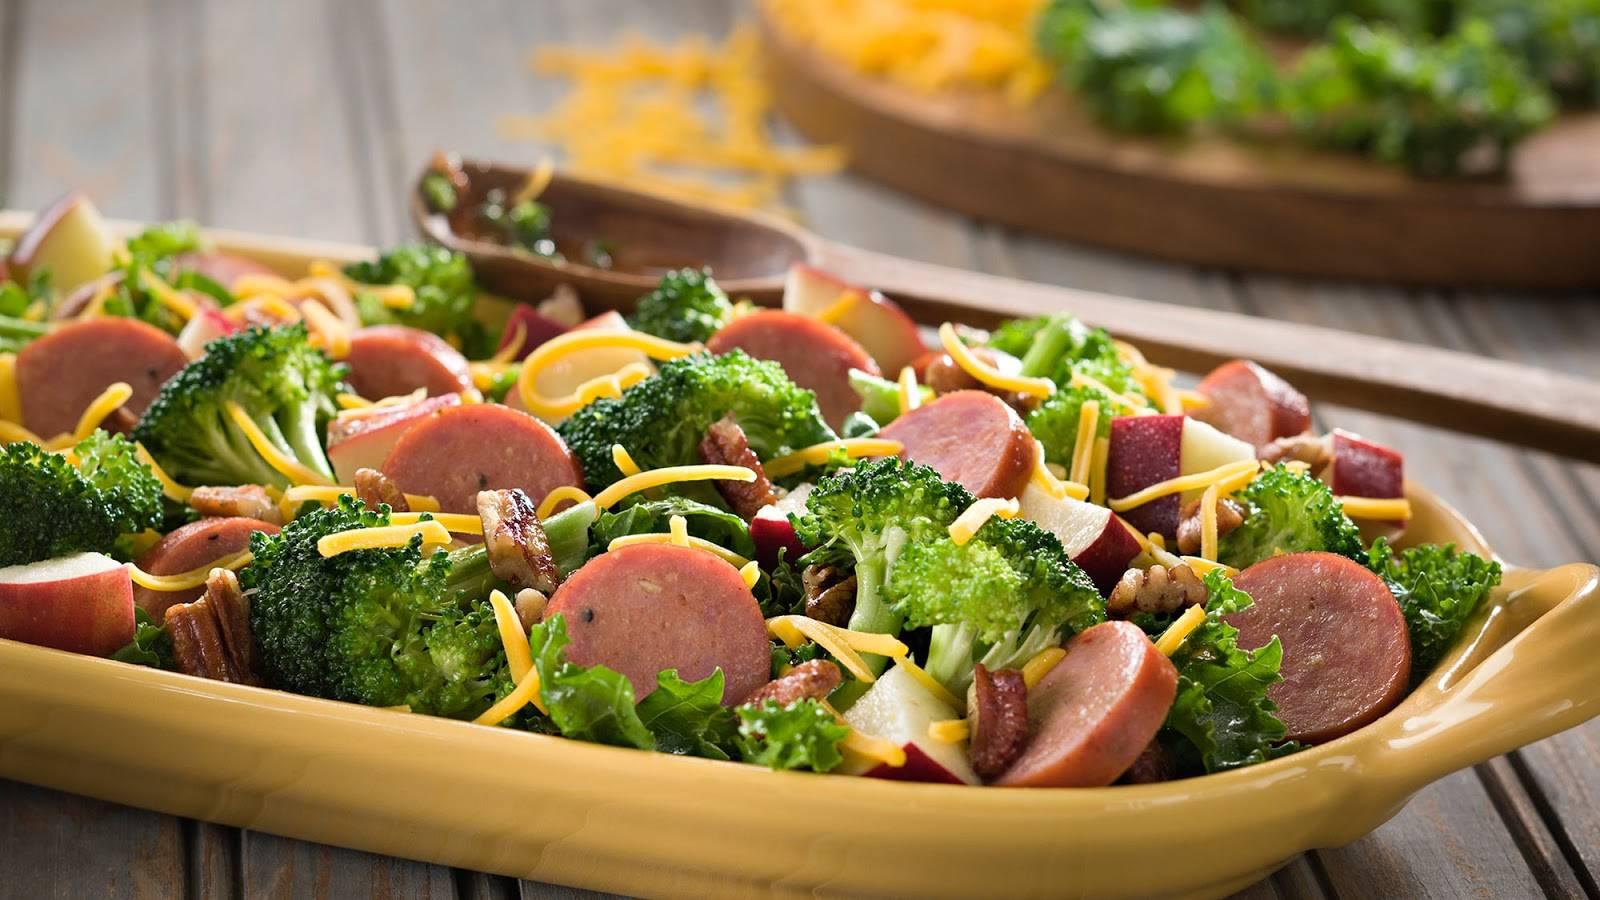 Món ăn giảm béovới xúc xích trộn rau củ